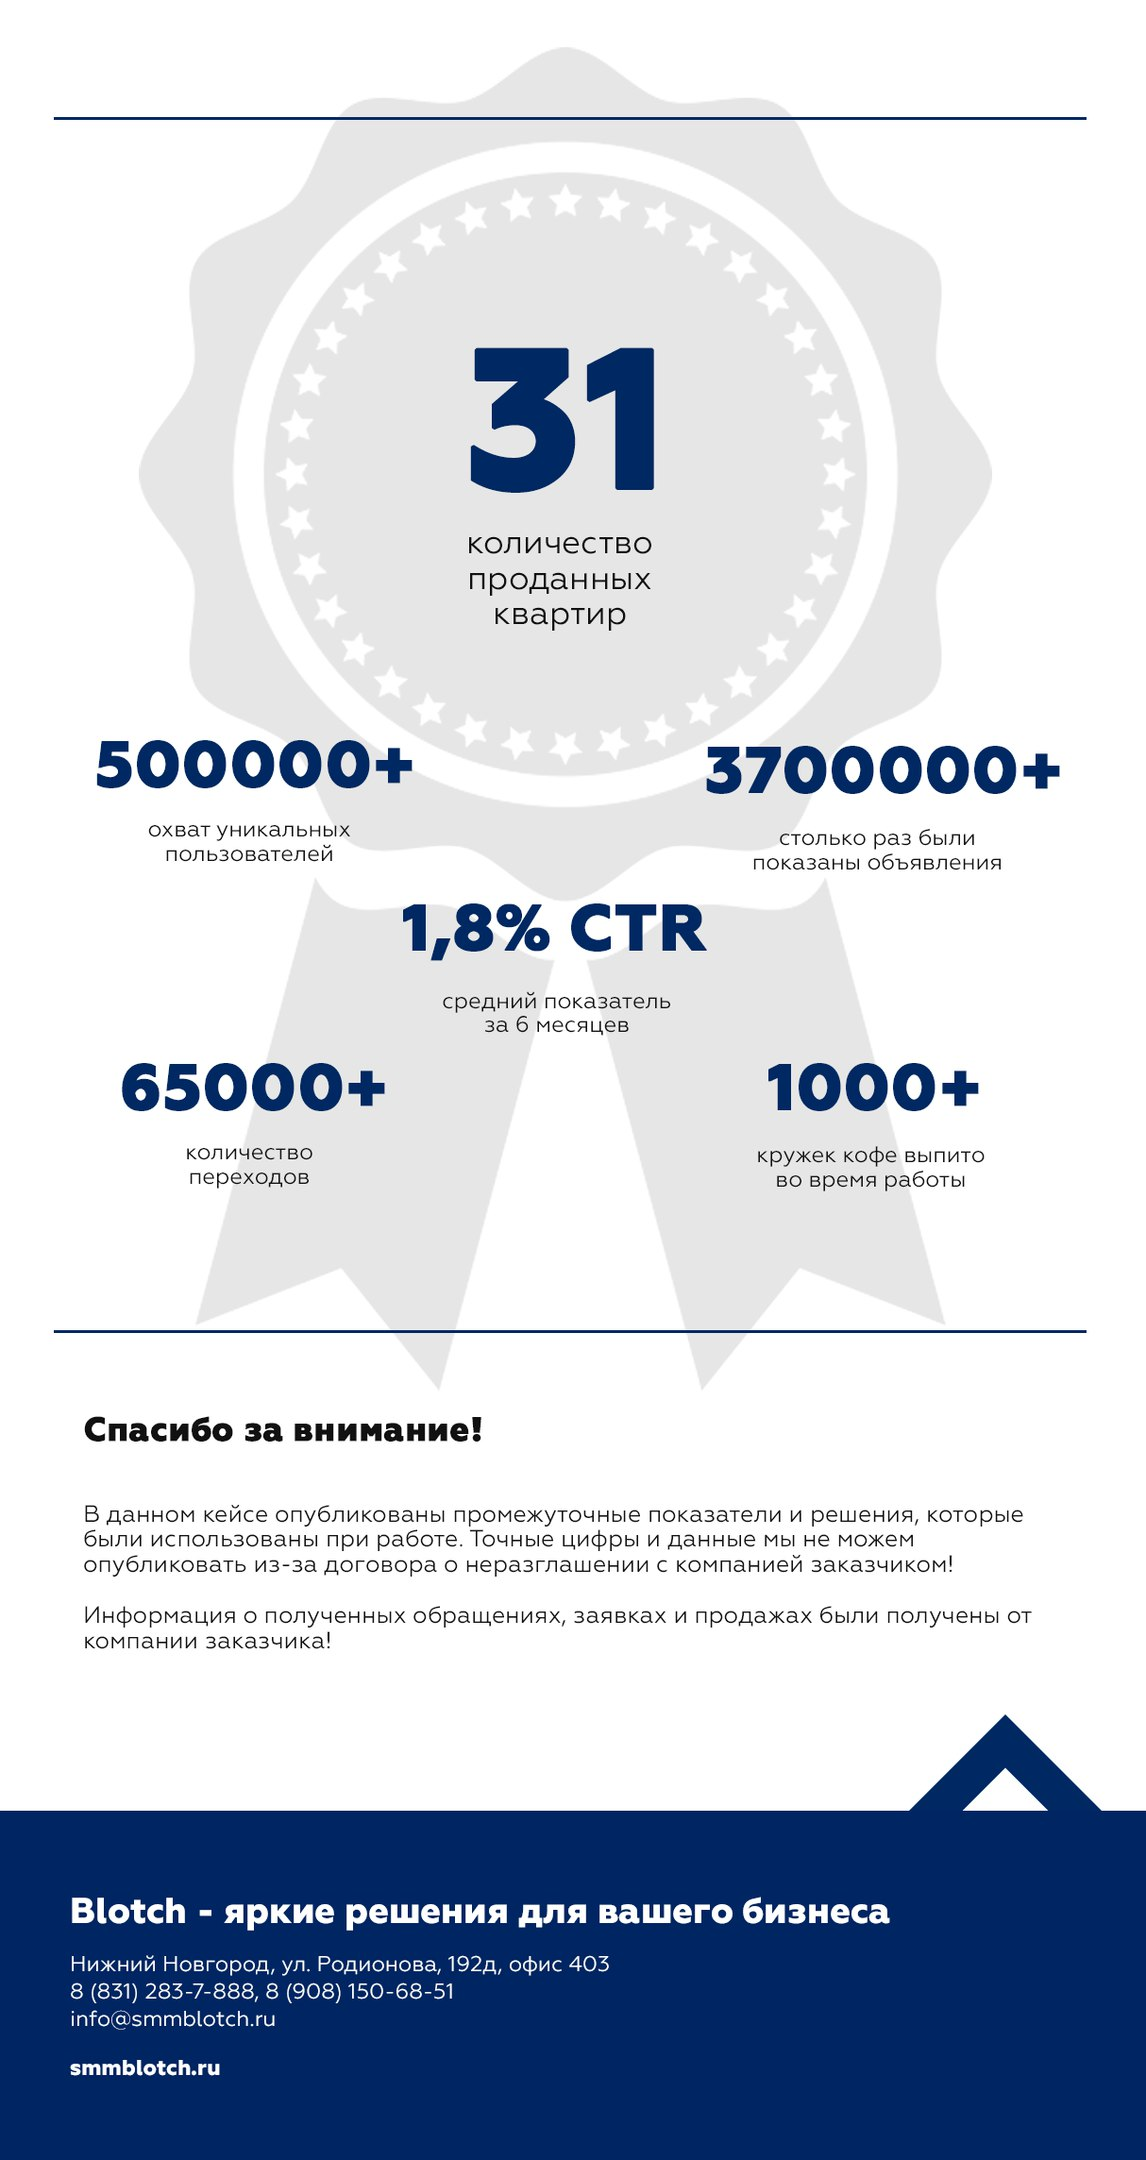 Продвижение крупного регионального застройщика в социальной сети Вконтакте. Часть 2, изображение №7